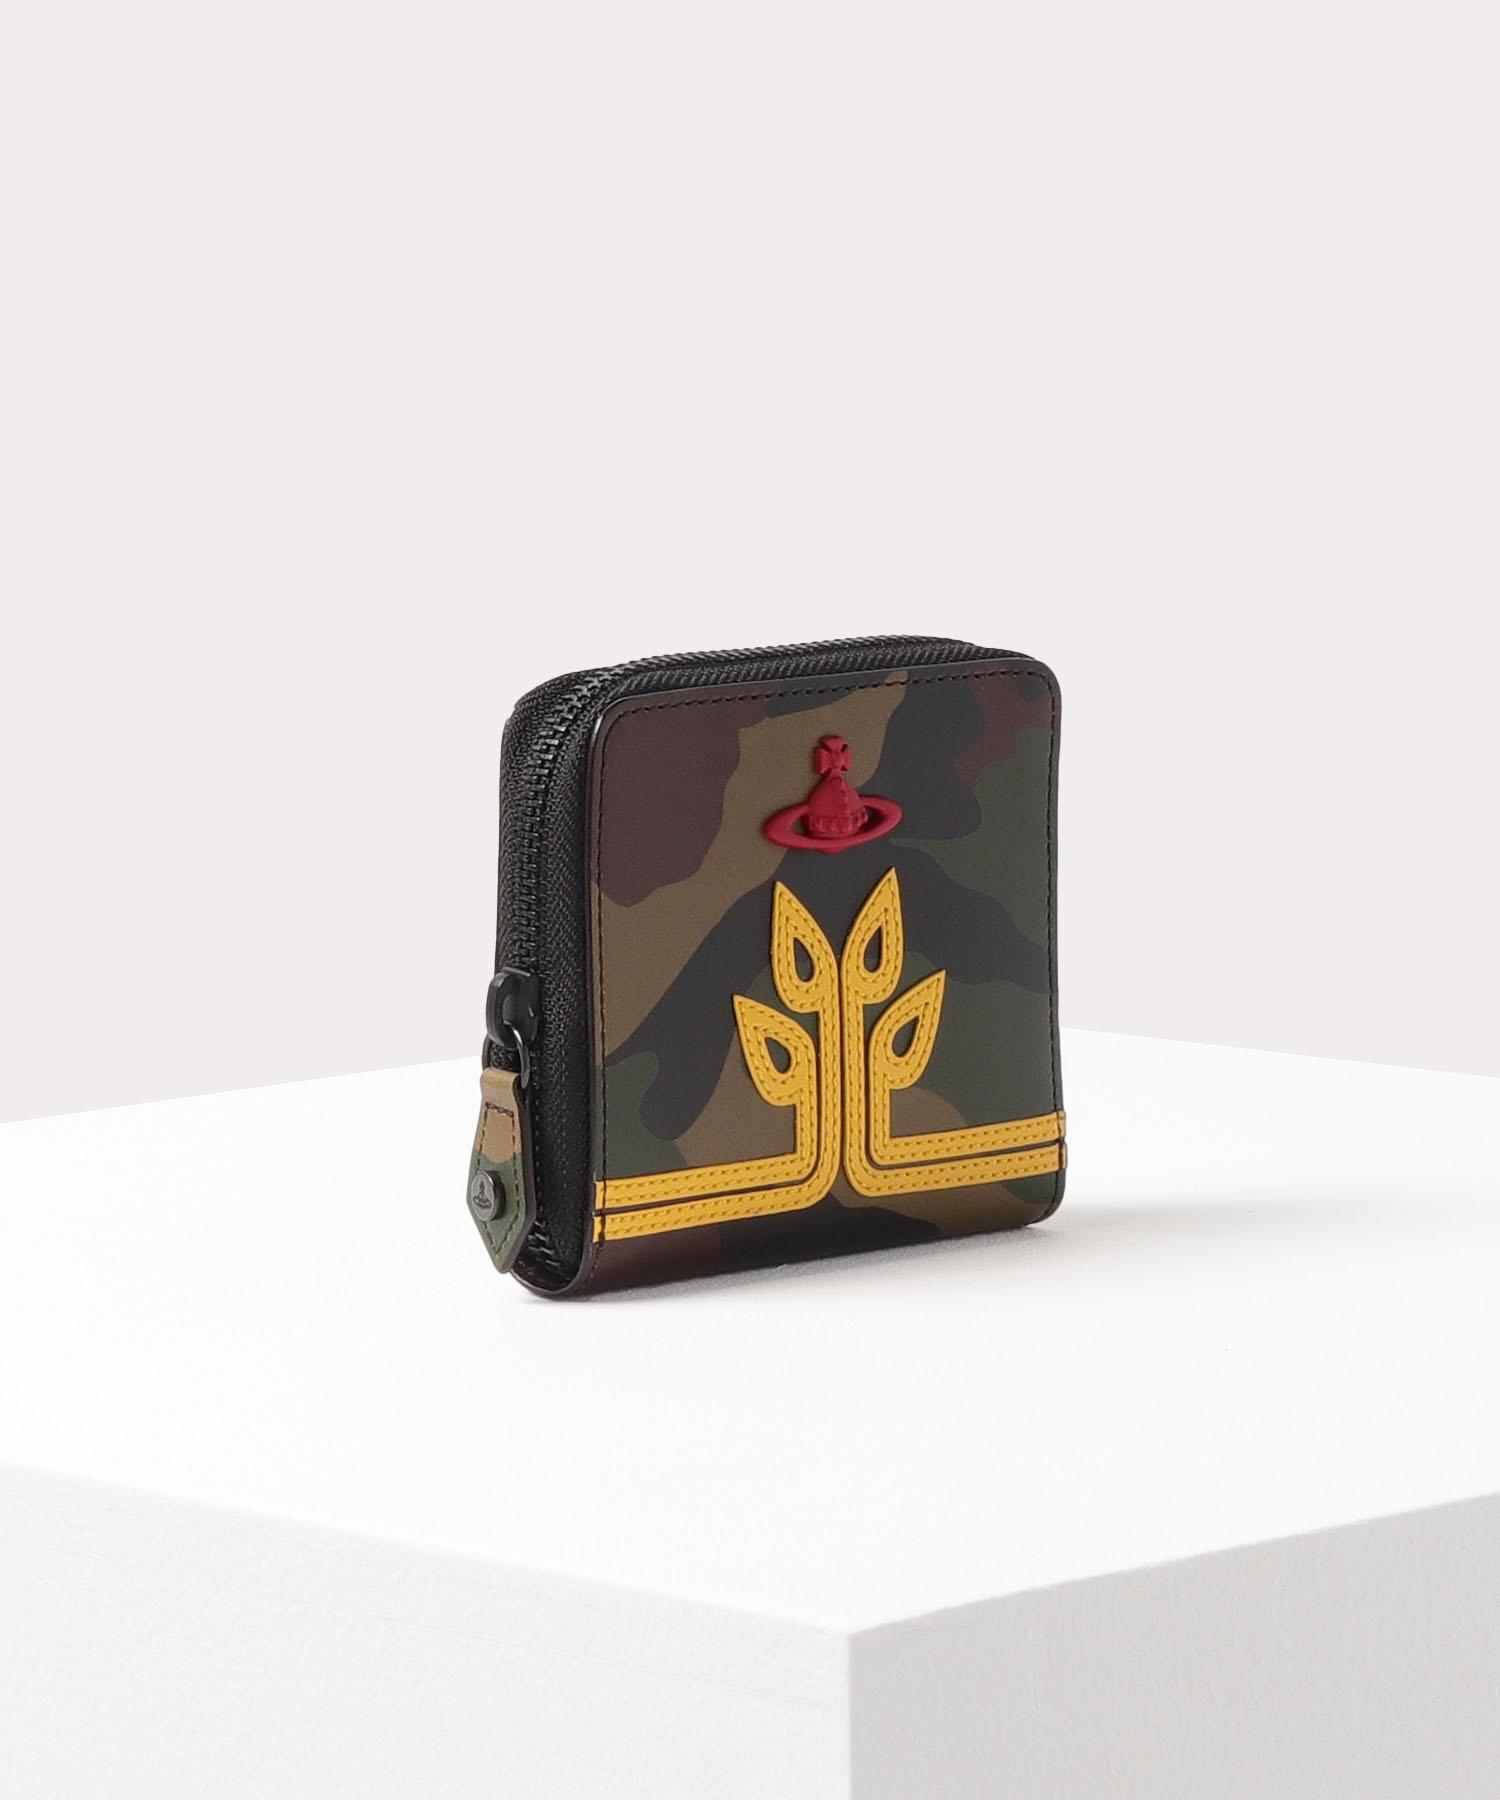 シードツリーORBカモフラージュ ラウンドファスナー二つ折り財布